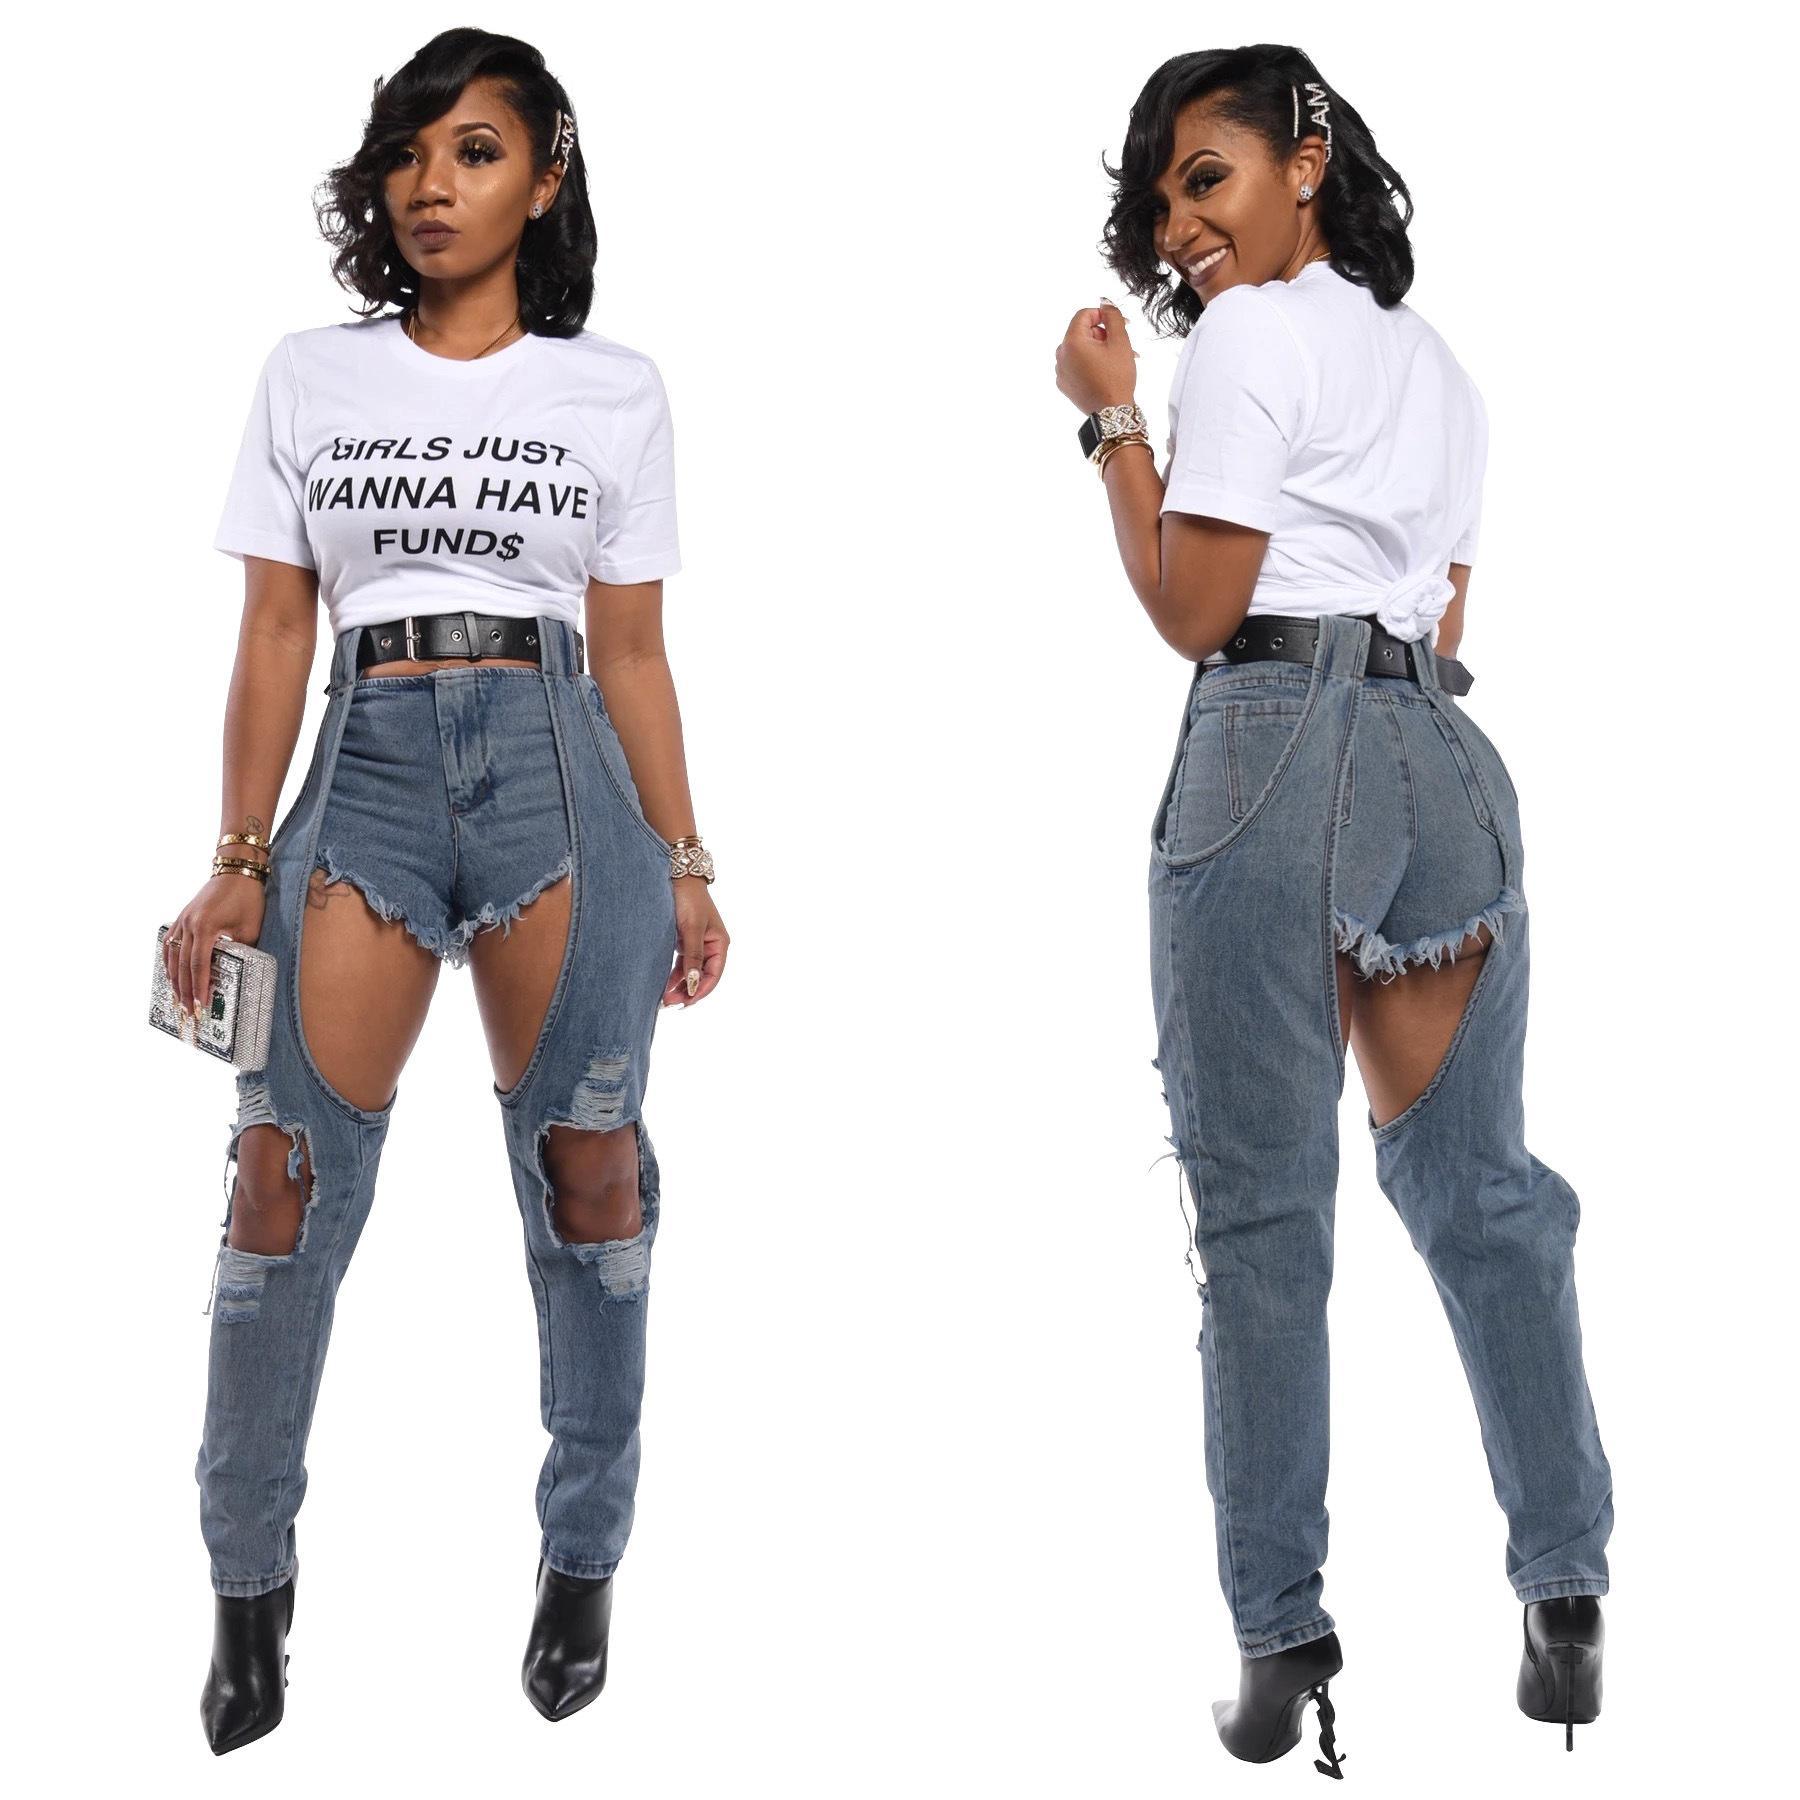 Nuova Plus Size 2XL jeans strappati Womens irregolare strappato i pantaloni del denim del foro dei jeans delle donne Pantaloni a vita alta Tuta femminile Torn